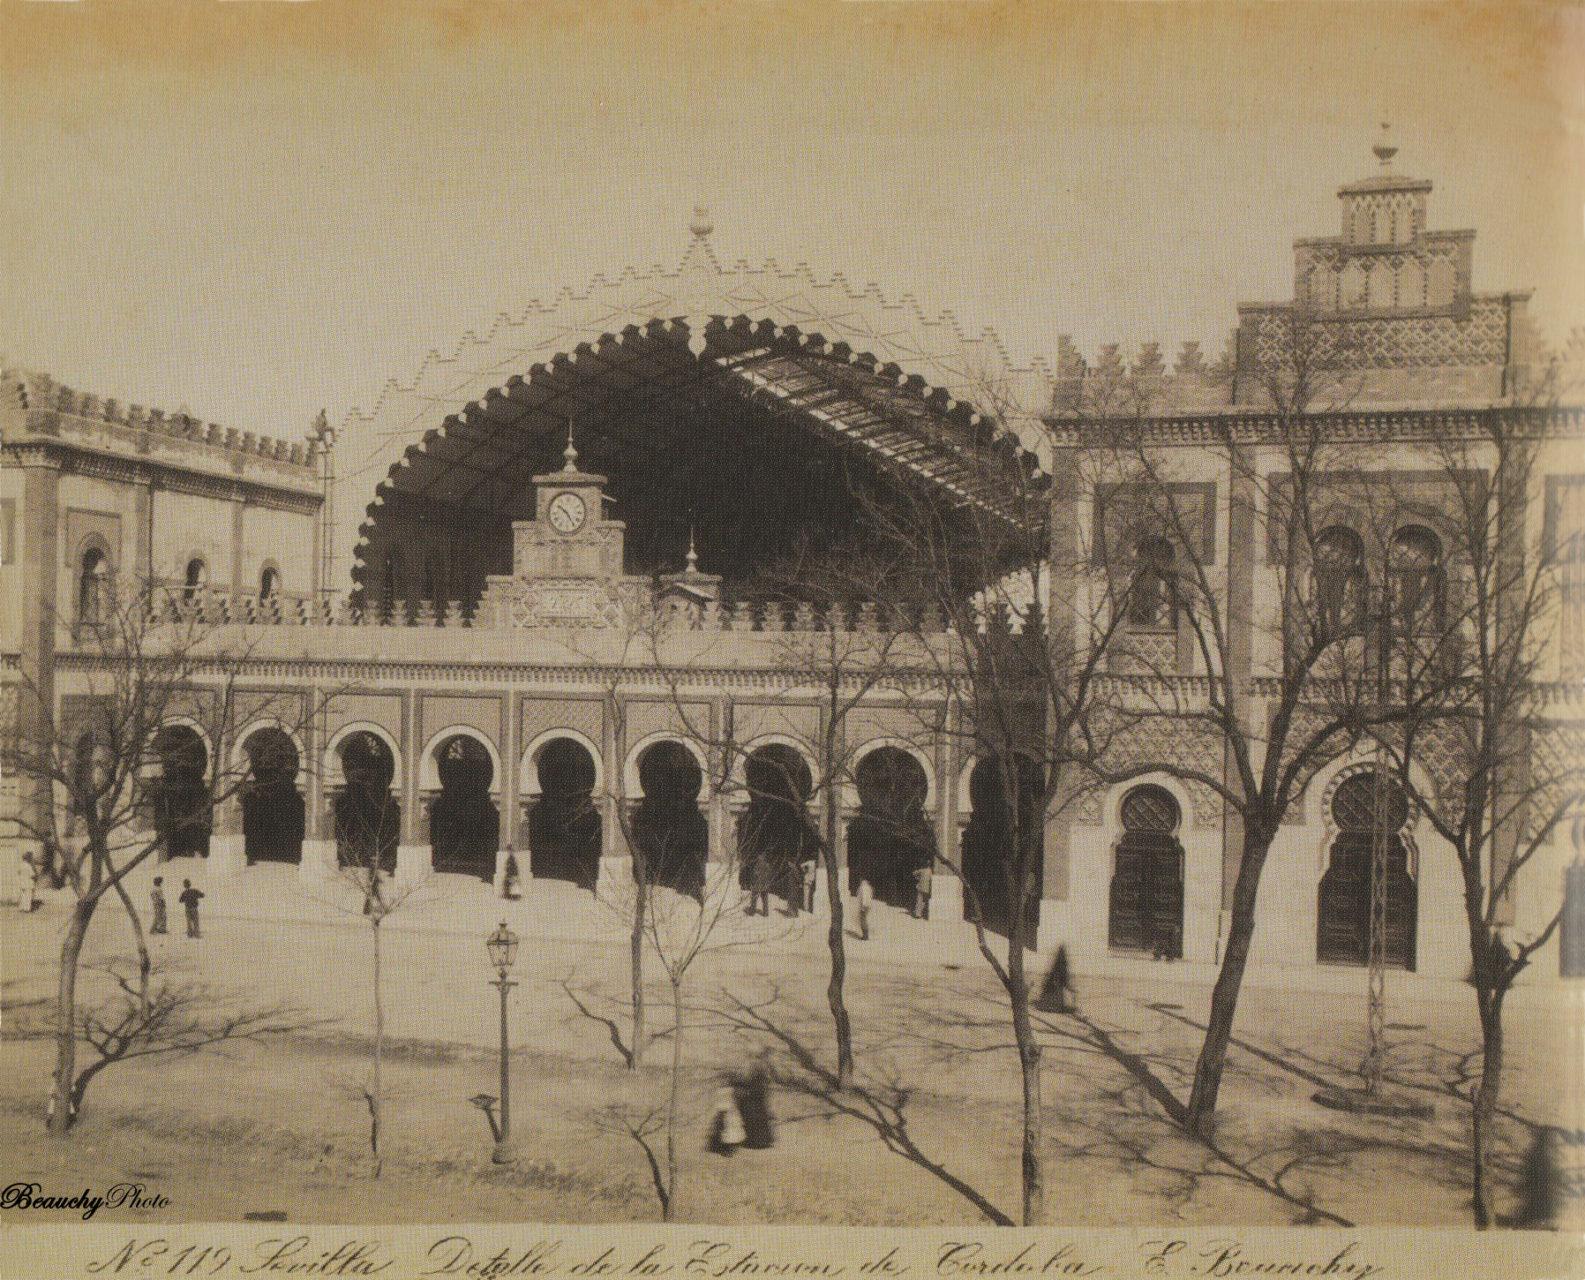 Antigua Estación de Córdoba de Sevilla